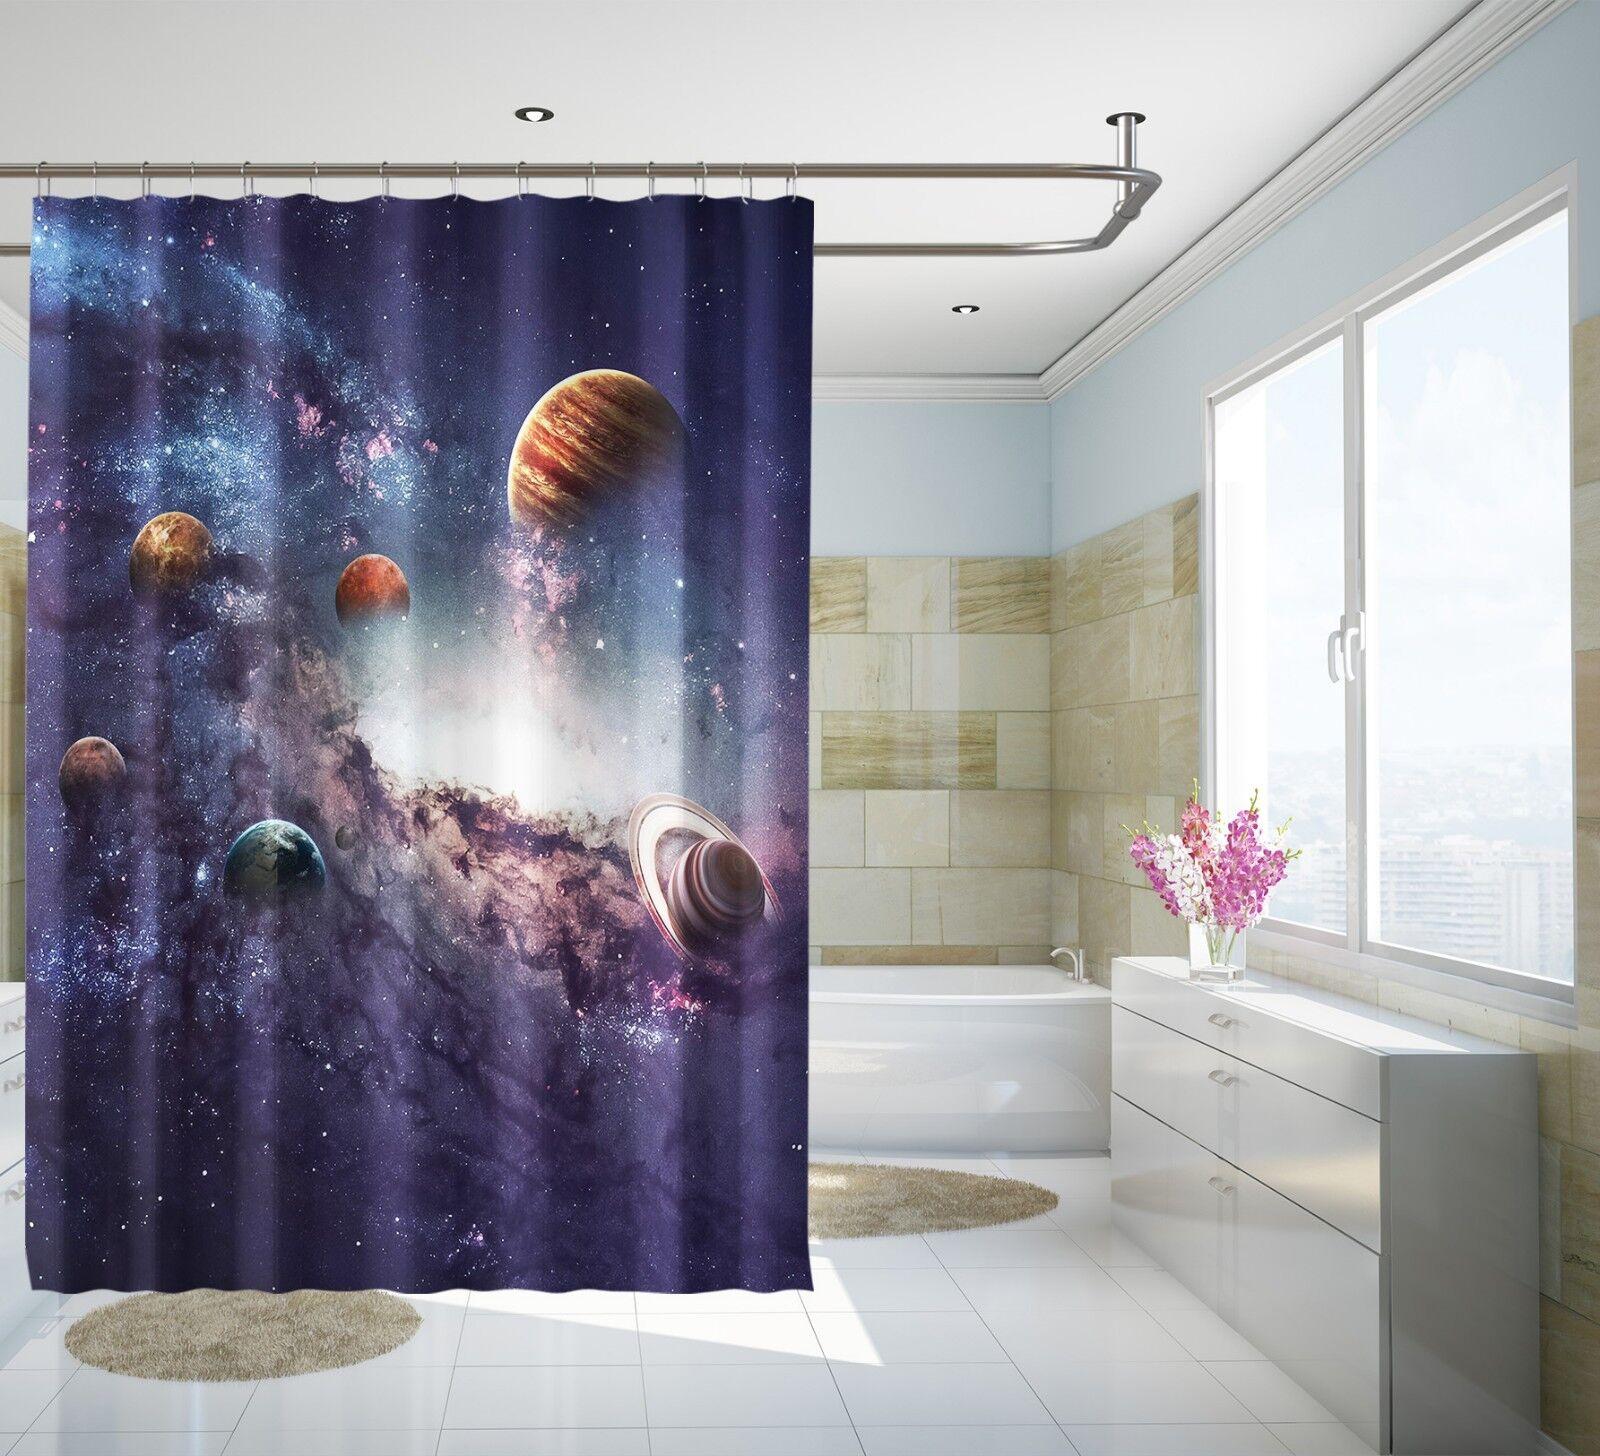 3D Universum Planet 7 Duschvorhang Wasserdicht Wasserdicht Wasserdicht Faser Bad Daheim Window Toilette   Shopping Online  d3c8cd